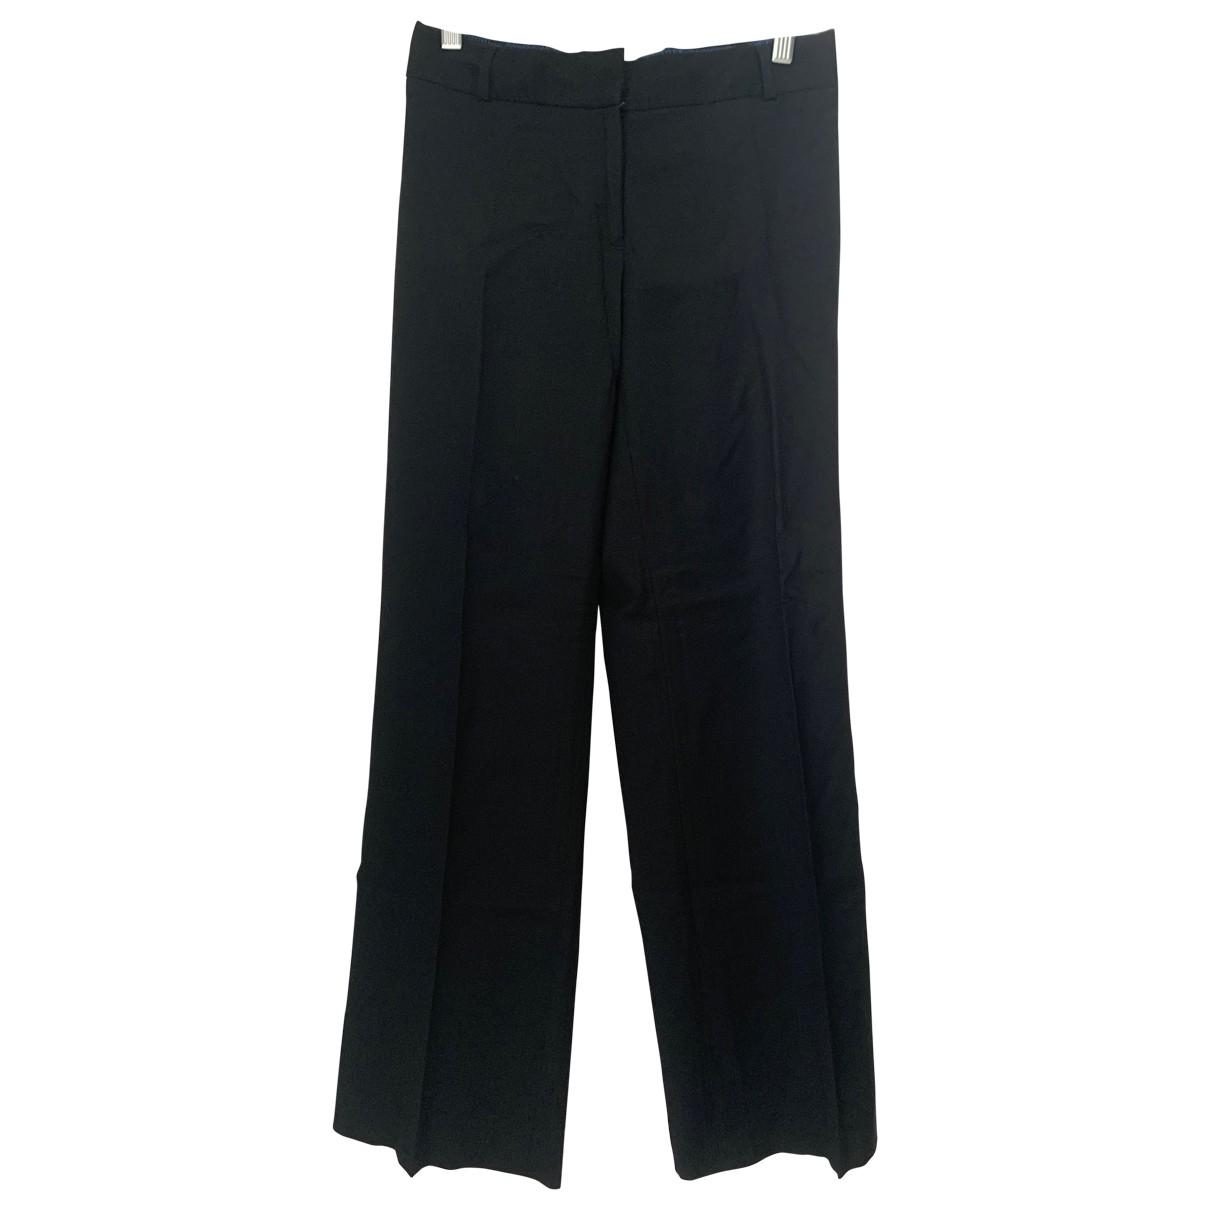 Pantalon de traje de Lana J.crew